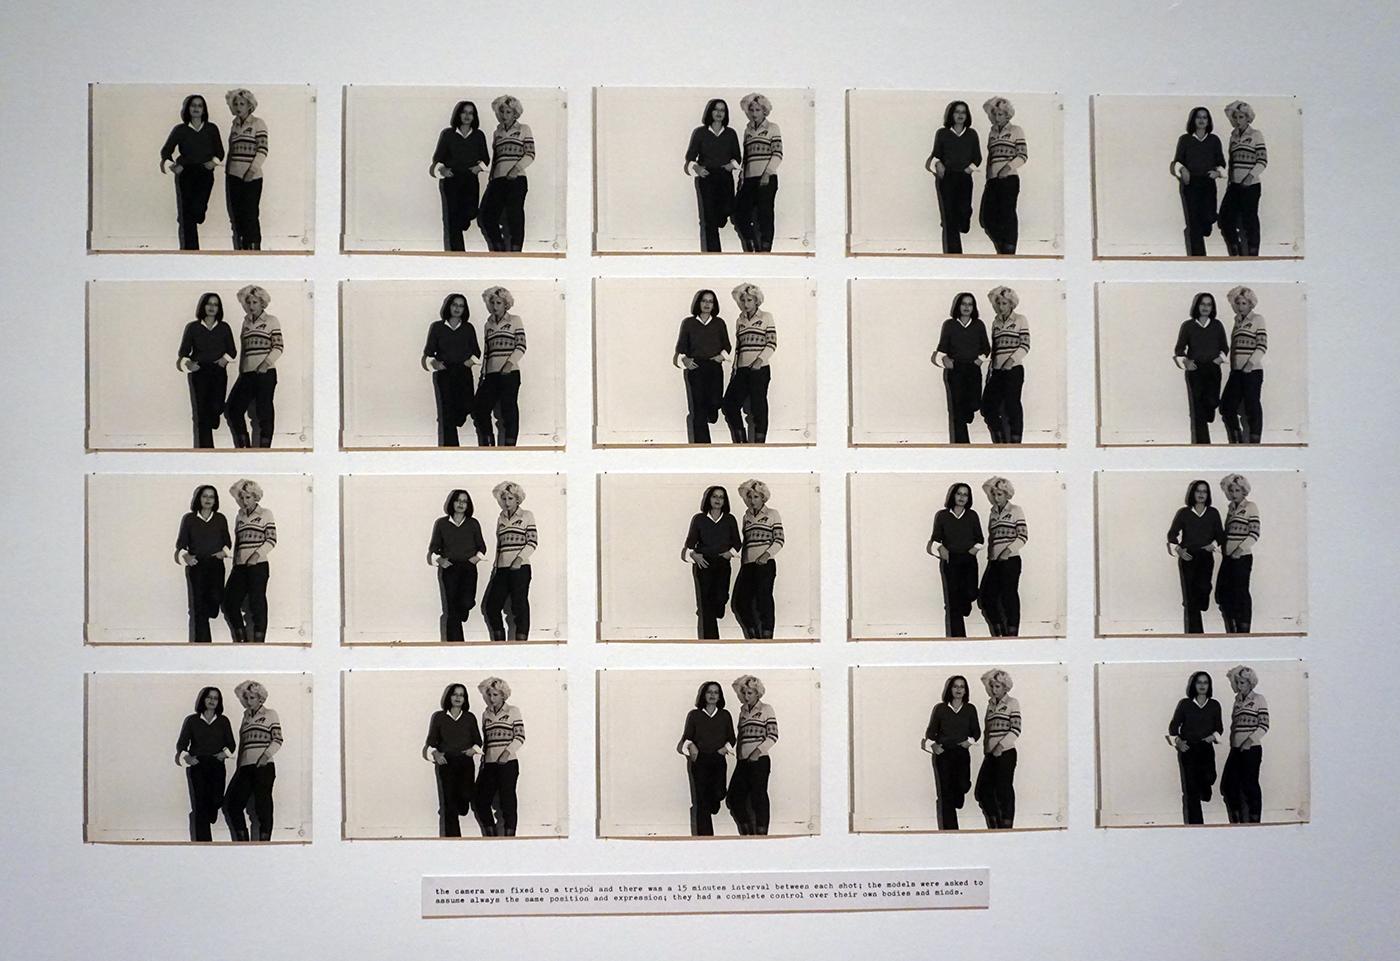 berardo museum memory piece juliao ramento fortografie alb negru